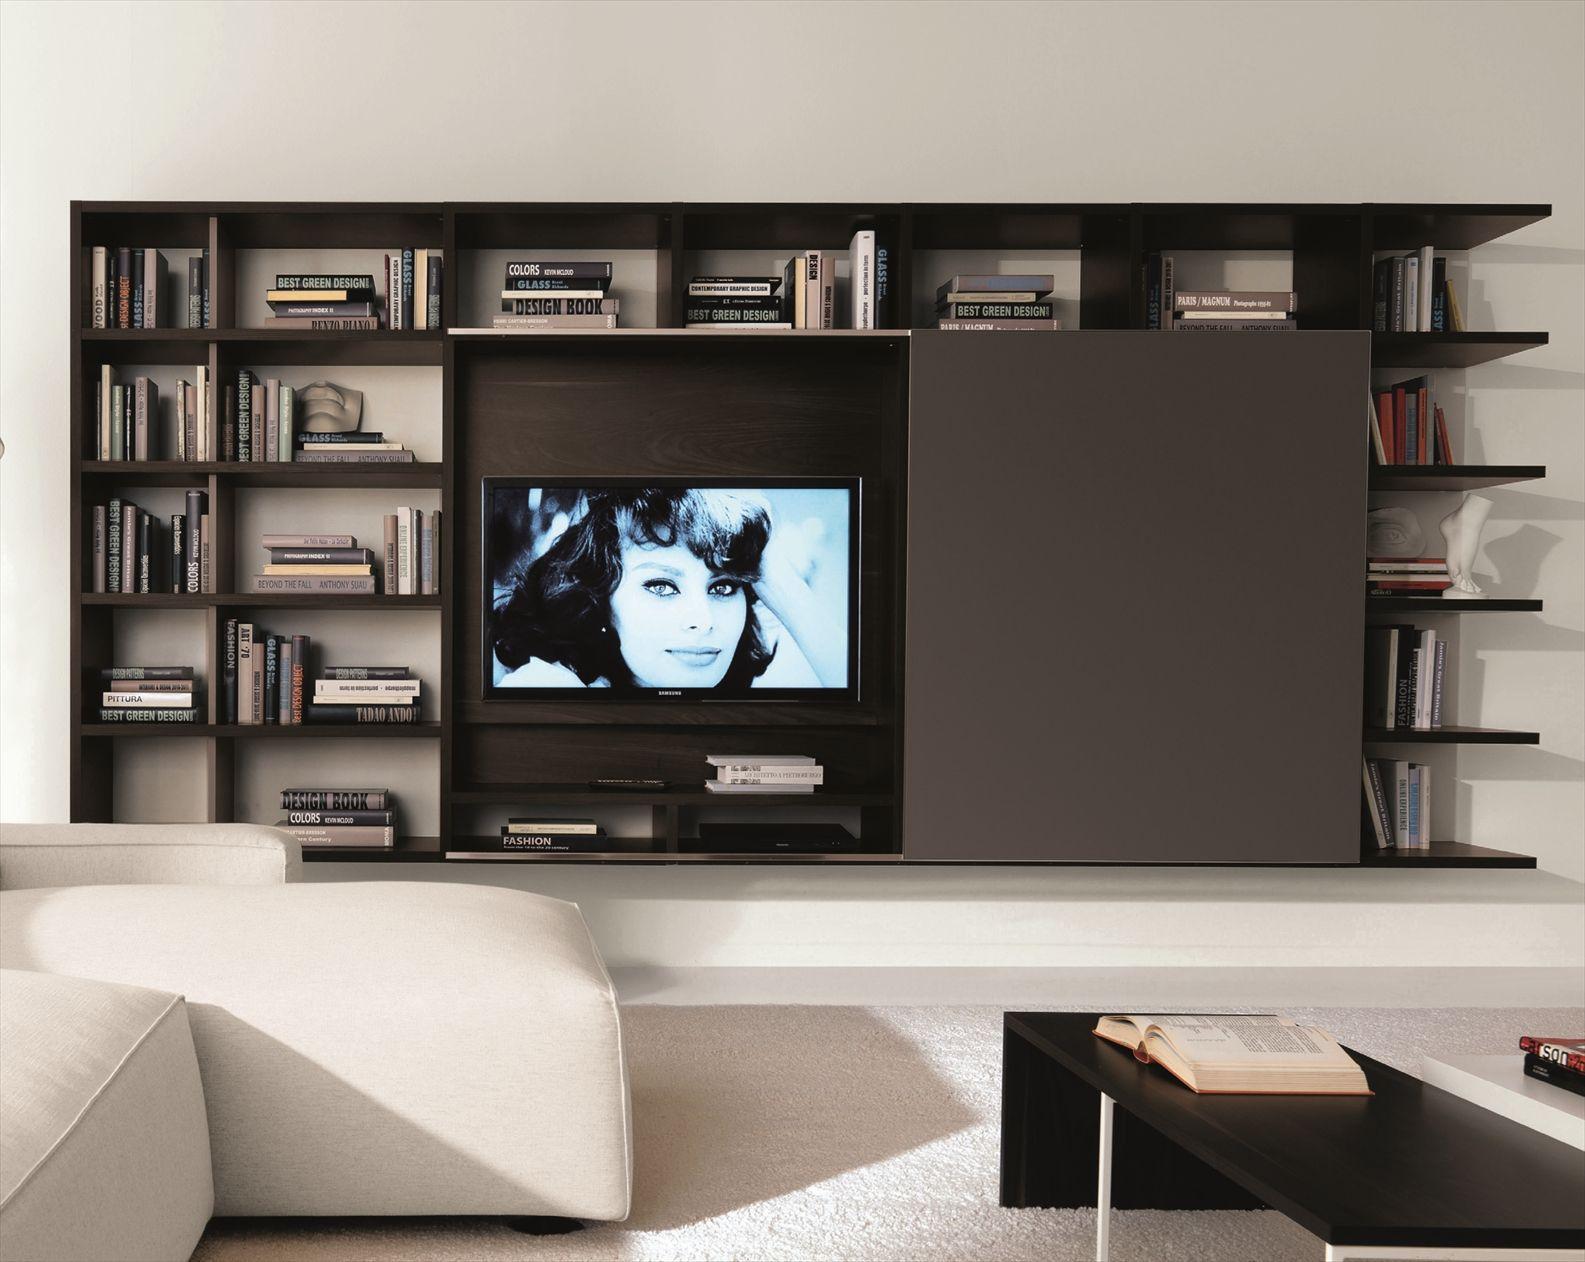 Модульная система хранения, zalf - мебель мр.